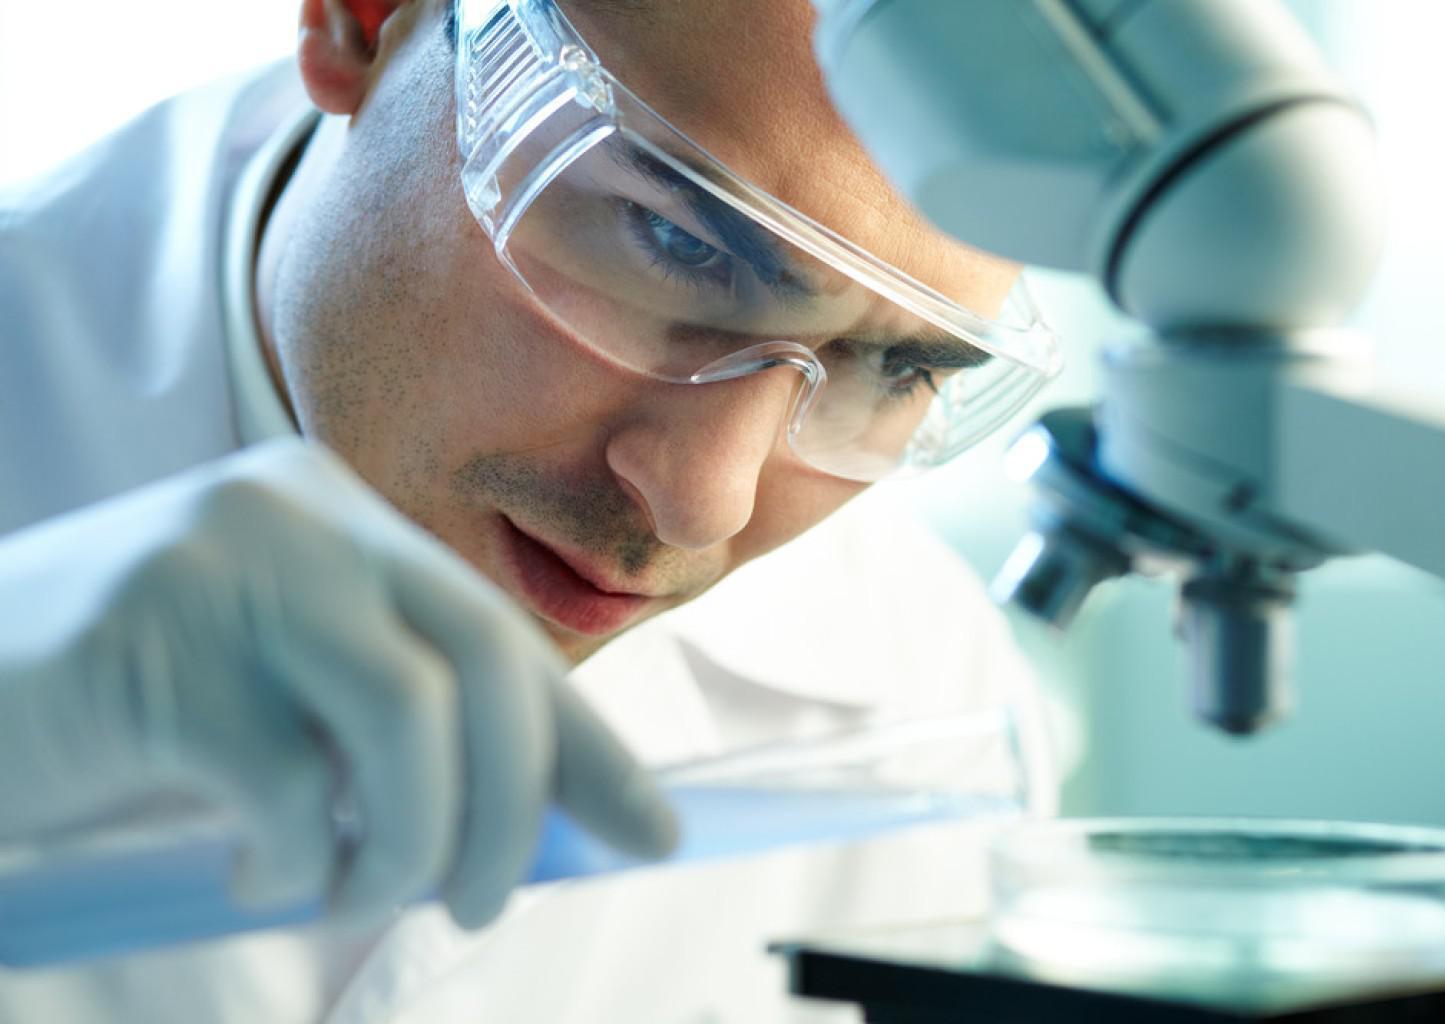 Ученые выделили пять основных признаков онкологических заболеваний